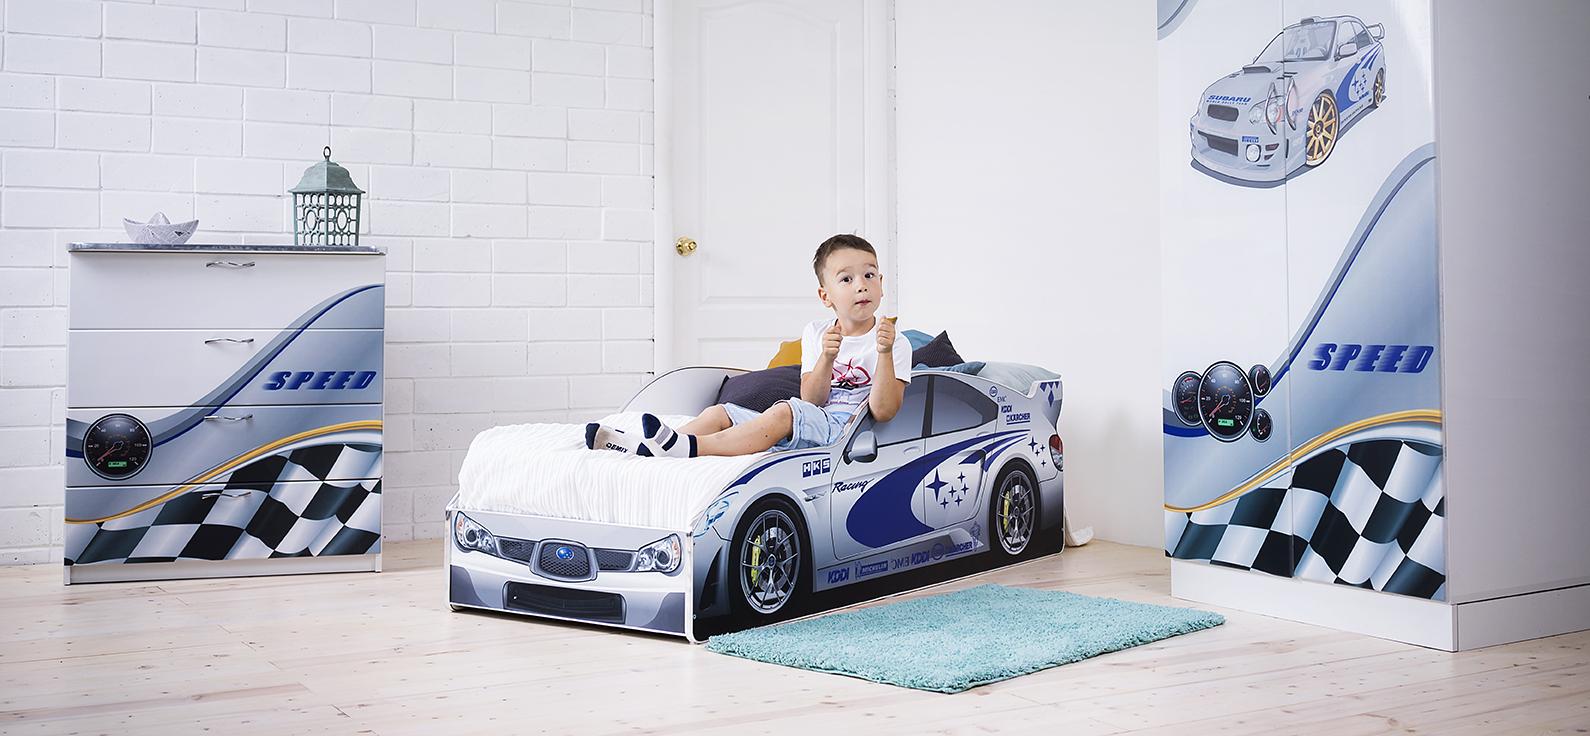 Сбор заказов. Все для уютной детской. Креативная детская мебель эконом и премиум класса. Мягкая и корпусная мебель. Шкафы от 5200, кровати от 3200. От 0 и до 16- ти. Аксессуары 17.